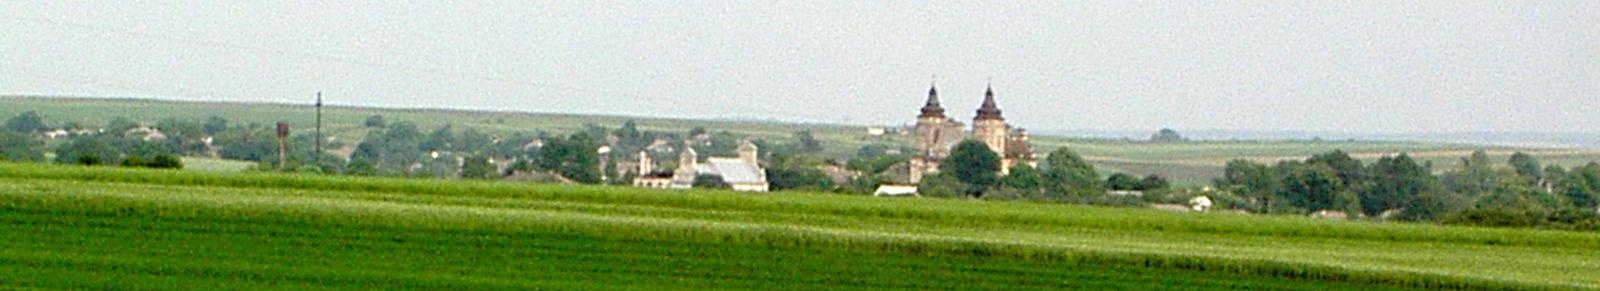 Варяж (Львовская область)